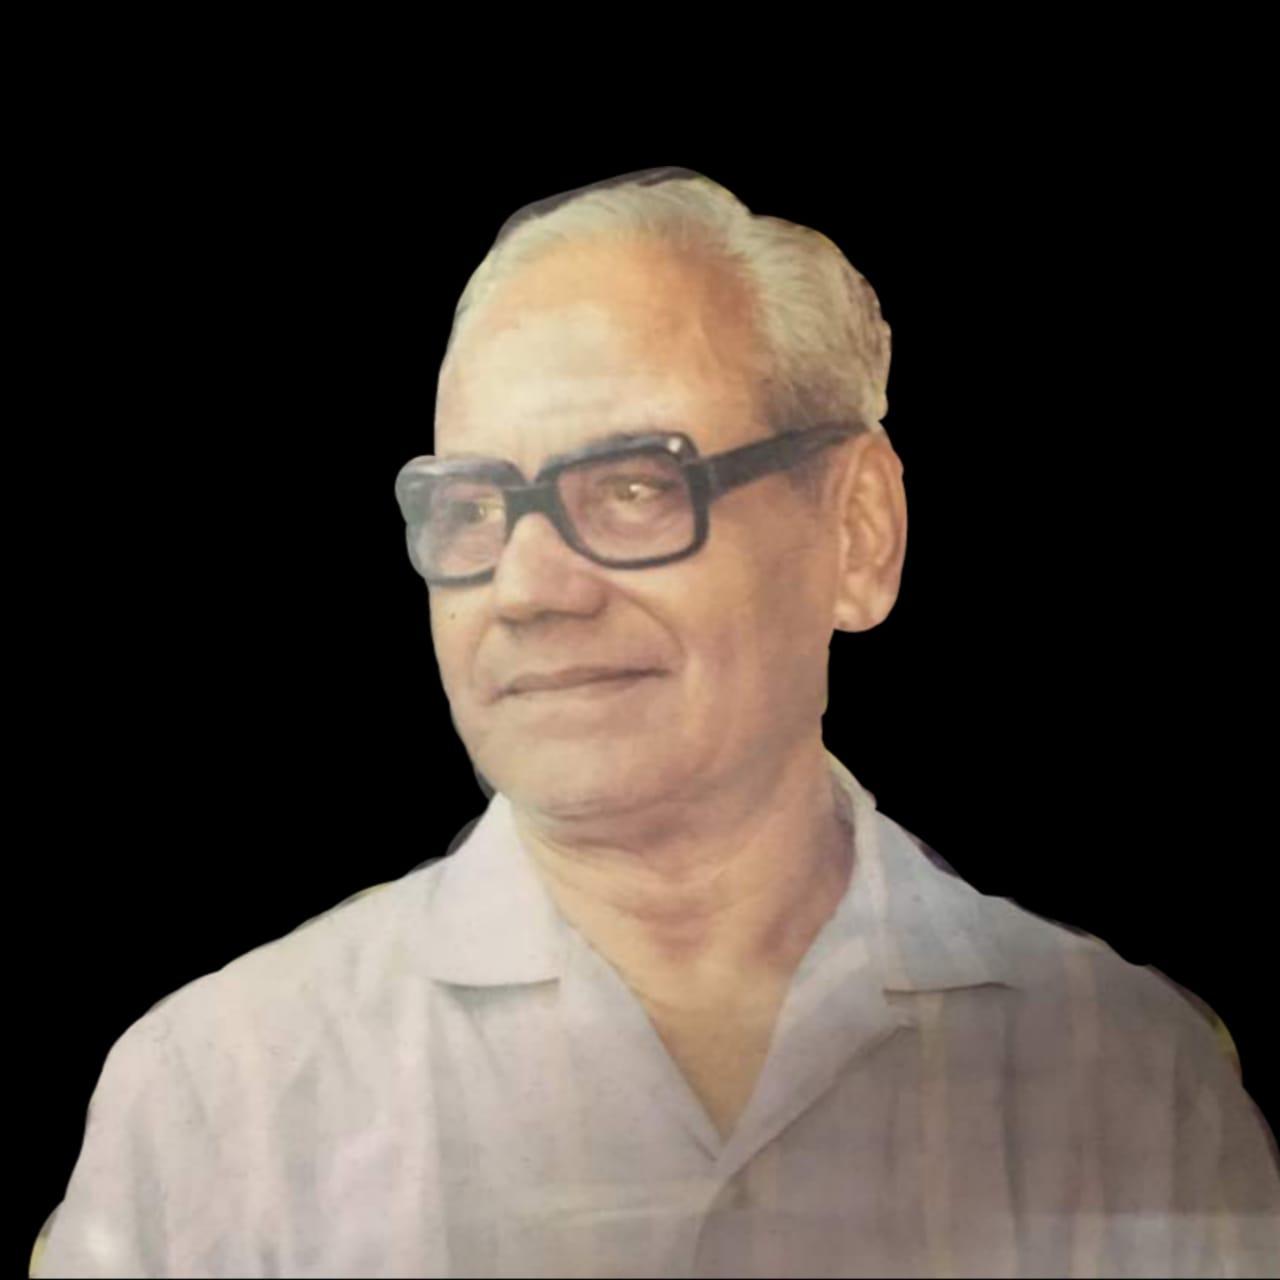 ಮರೆತು ಹೋದ ಮಾದರಿ ರಾಜಕಾರಣಿ ಪಿ.ಎಫ್. ರಾಡ್ರಿಗಸ್: ಸಂಭಾವಿತ ಜನನಾಯಕನ ಕಿರು ಪರಿಚಯ